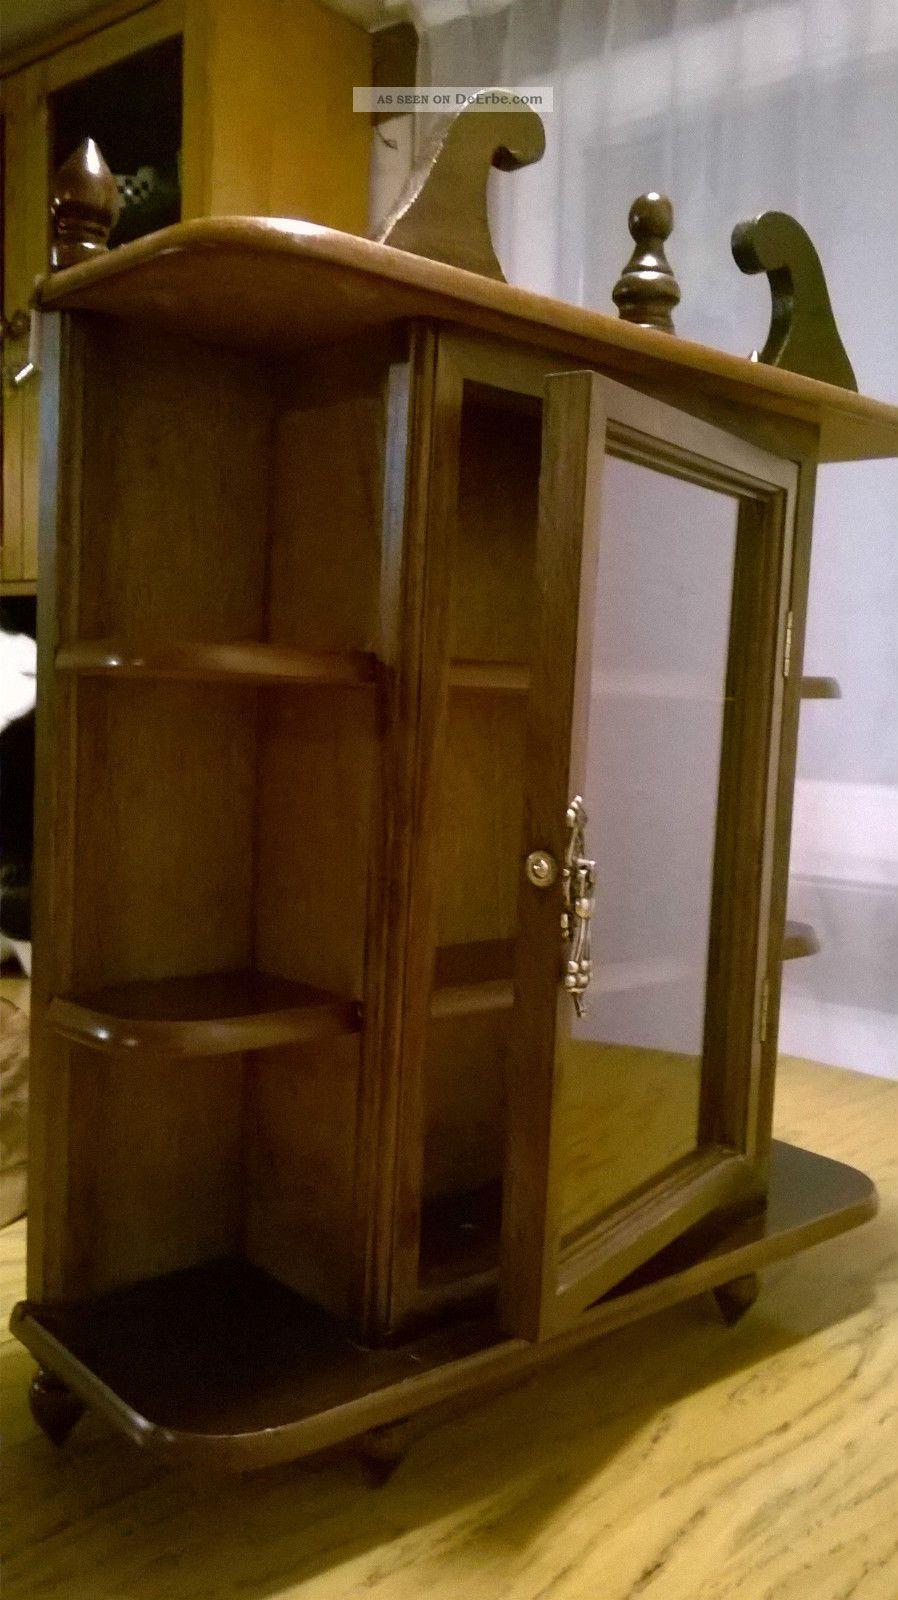 altes sch nes h ngeschr nkchen aus holz mit glasscheibe. Black Bedroom Furniture Sets. Home Design Ideas